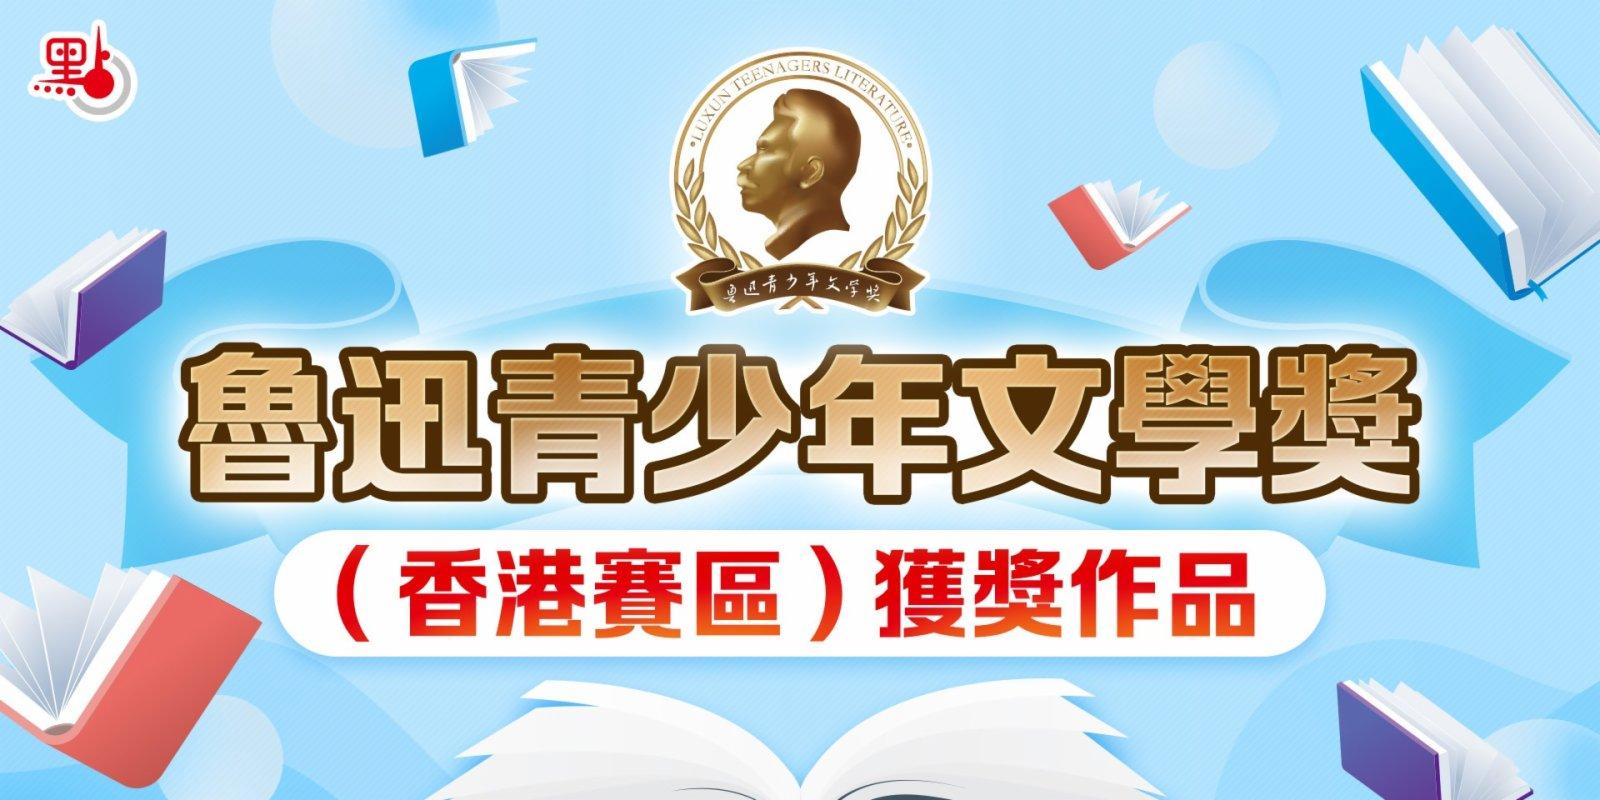 魯青獎獲獎作品|《記憶中的愛心傘》—— 韓知浥